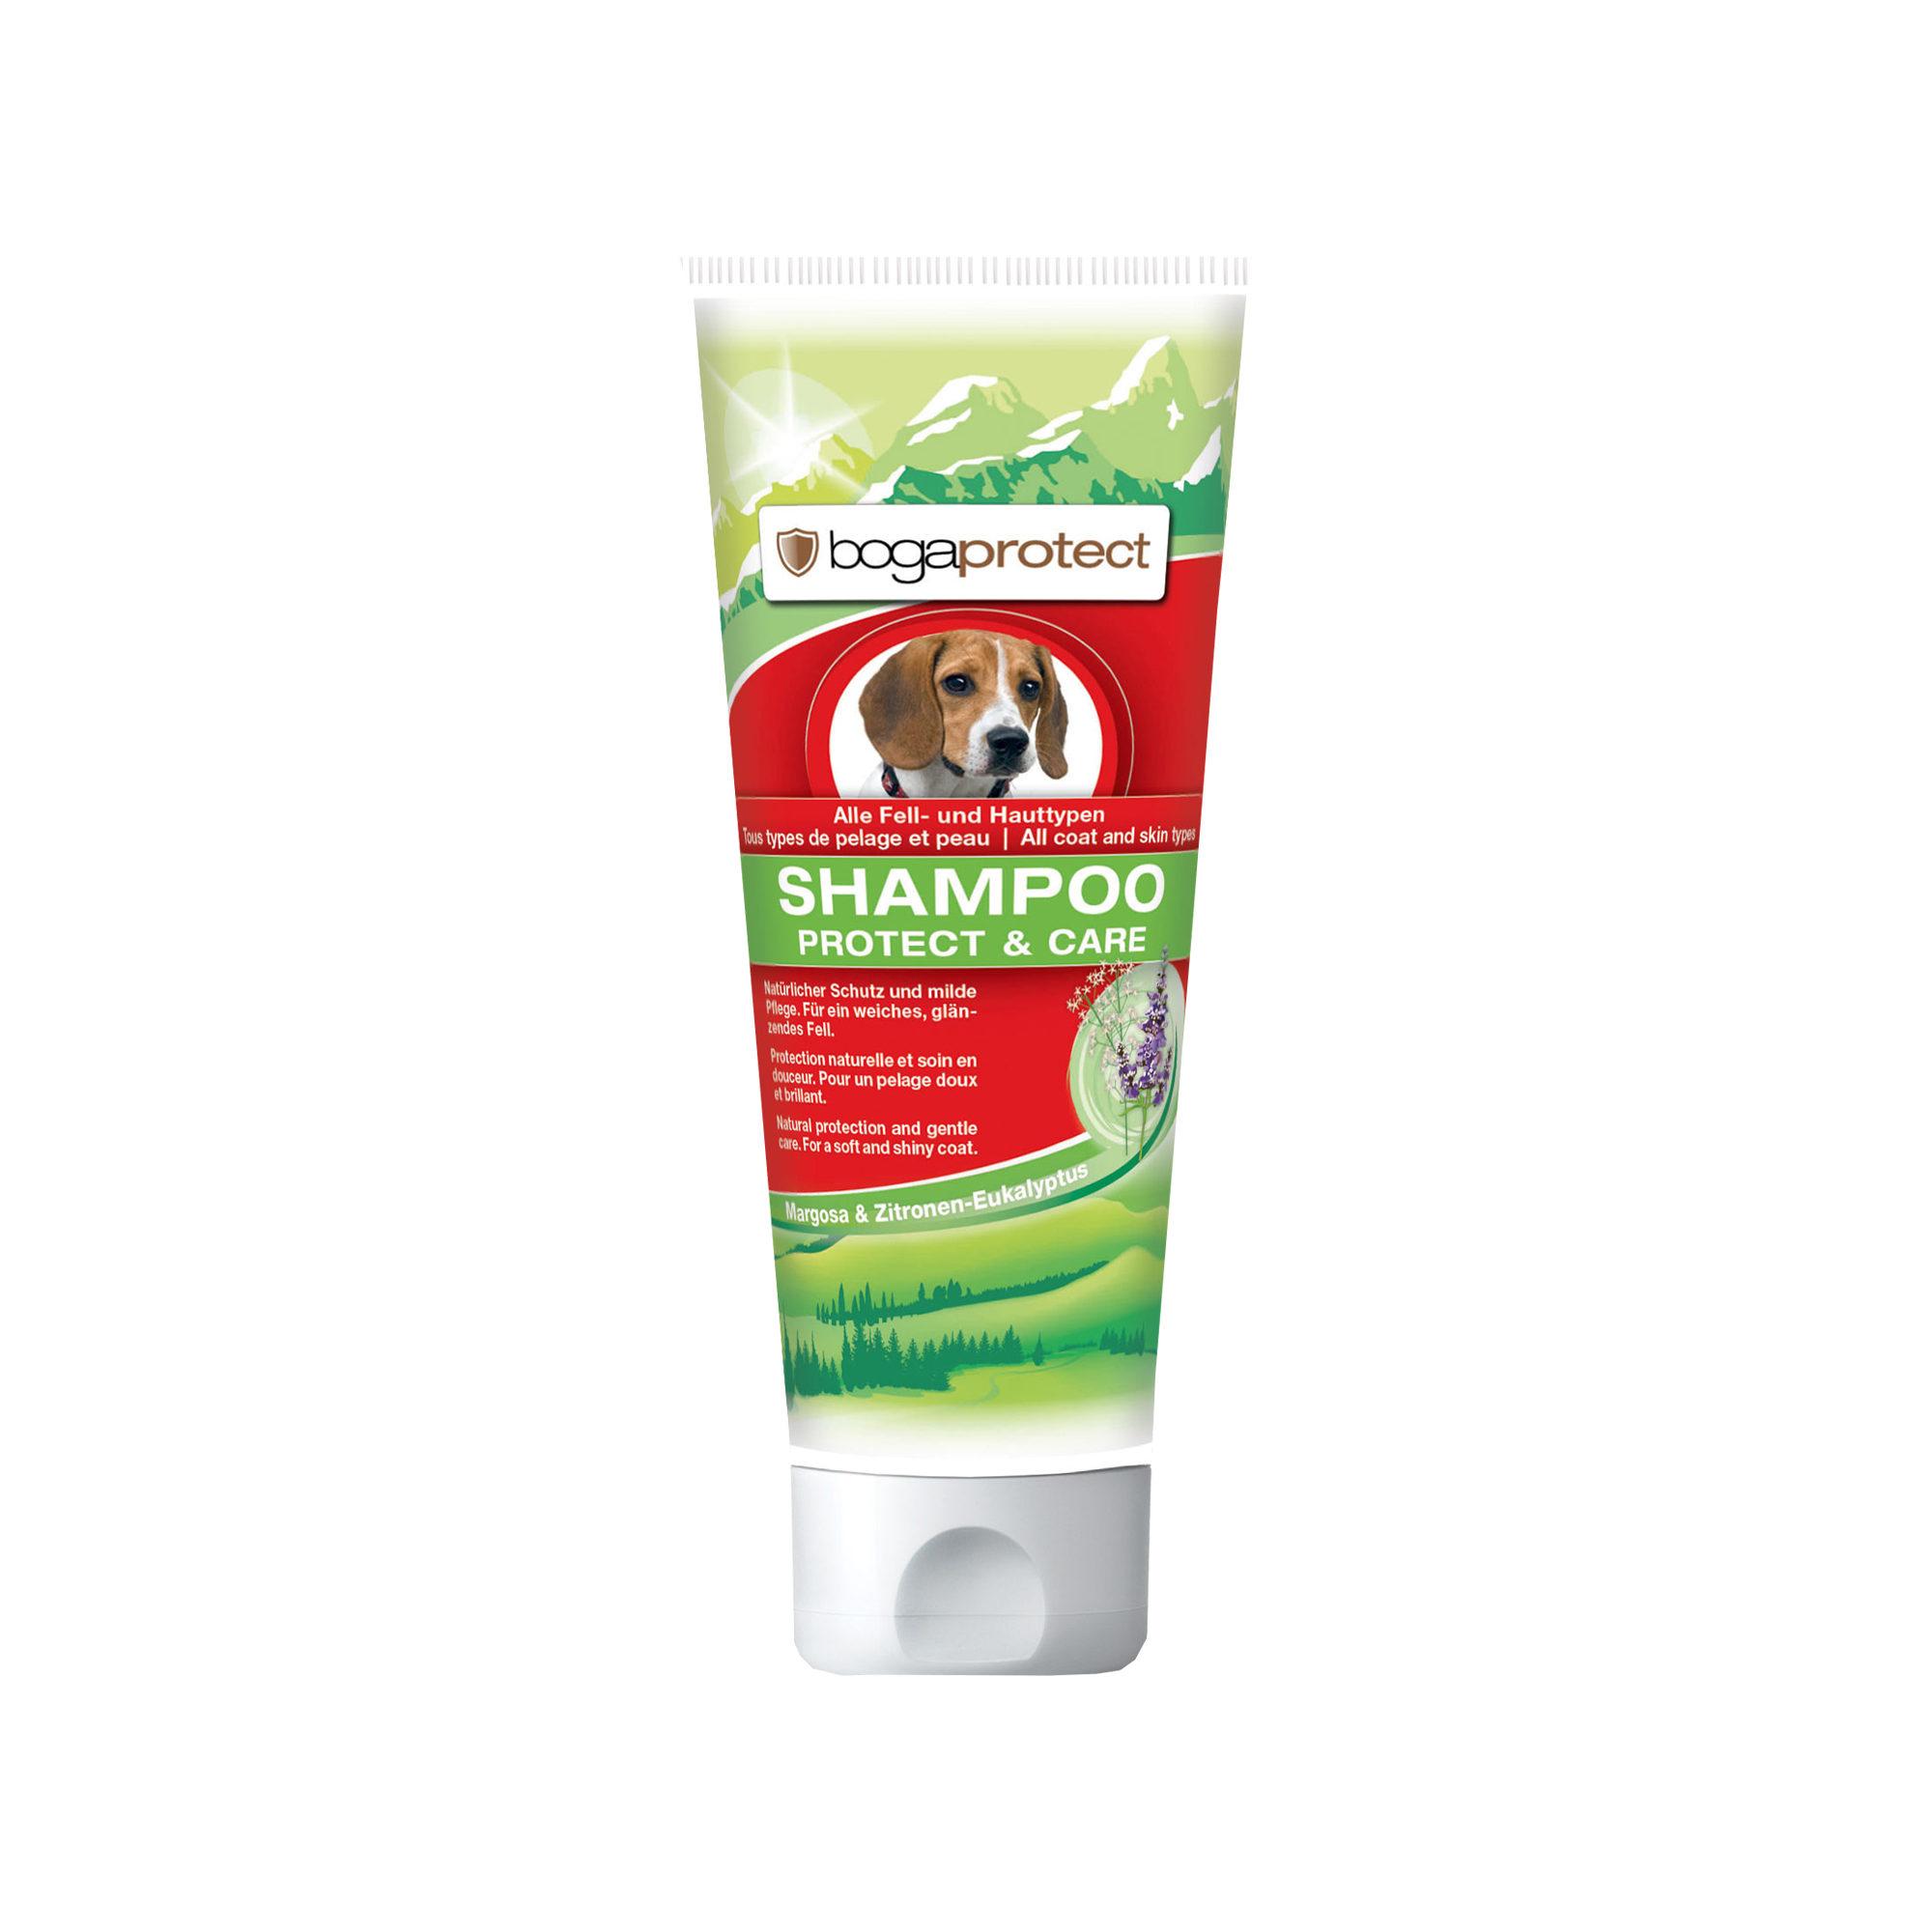 Bogaprotect Shampoo Protect & Care - 200 ml